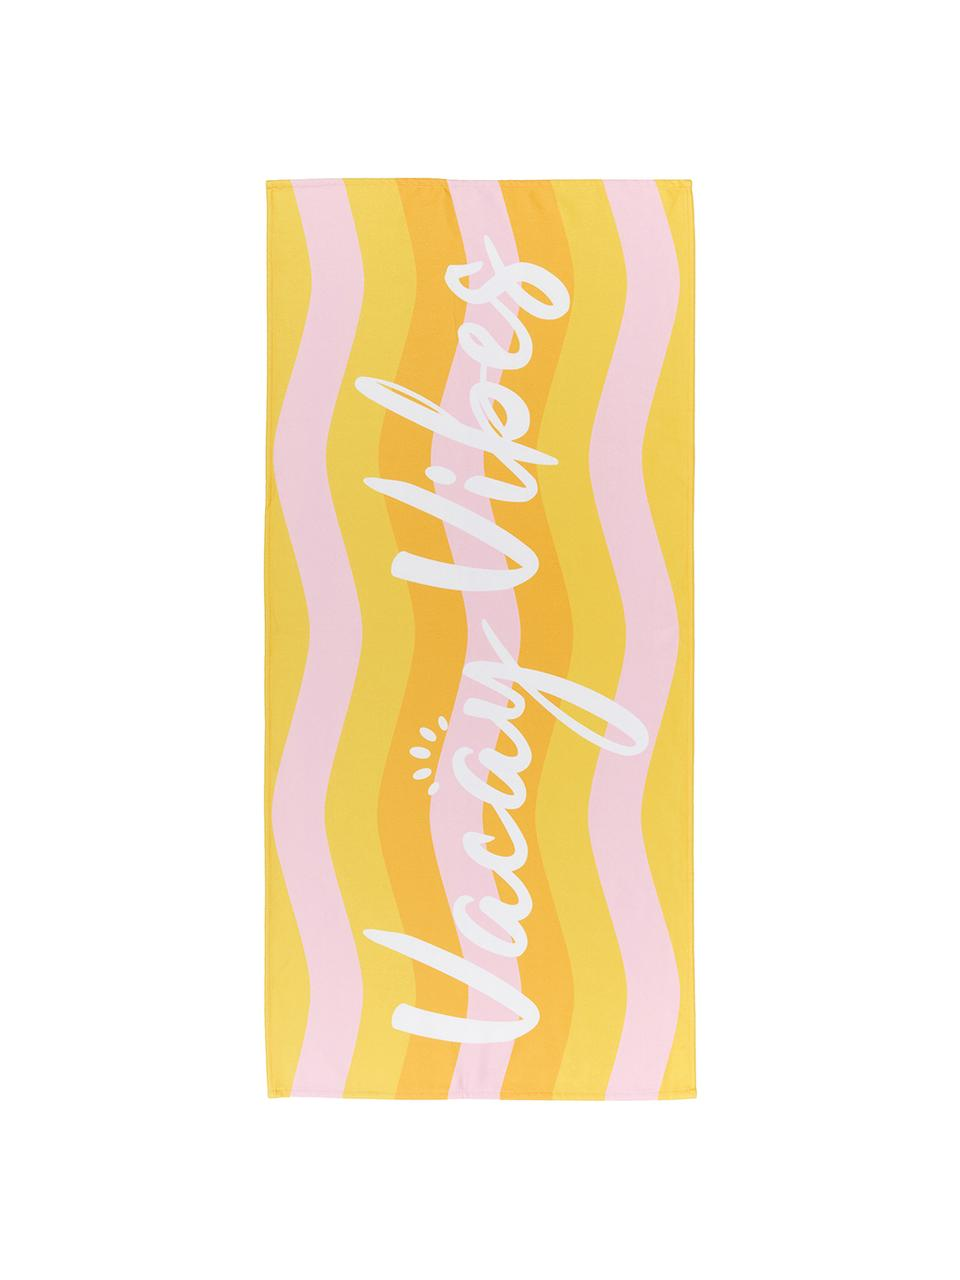 Leichtes Strandtuch Vacay Vibes mit Schriftzug, 55% Polyester, 45% Baumwolle Sehr leichte Qualität, 340 g/m², Mehrfarbig, 70 x 150 cm